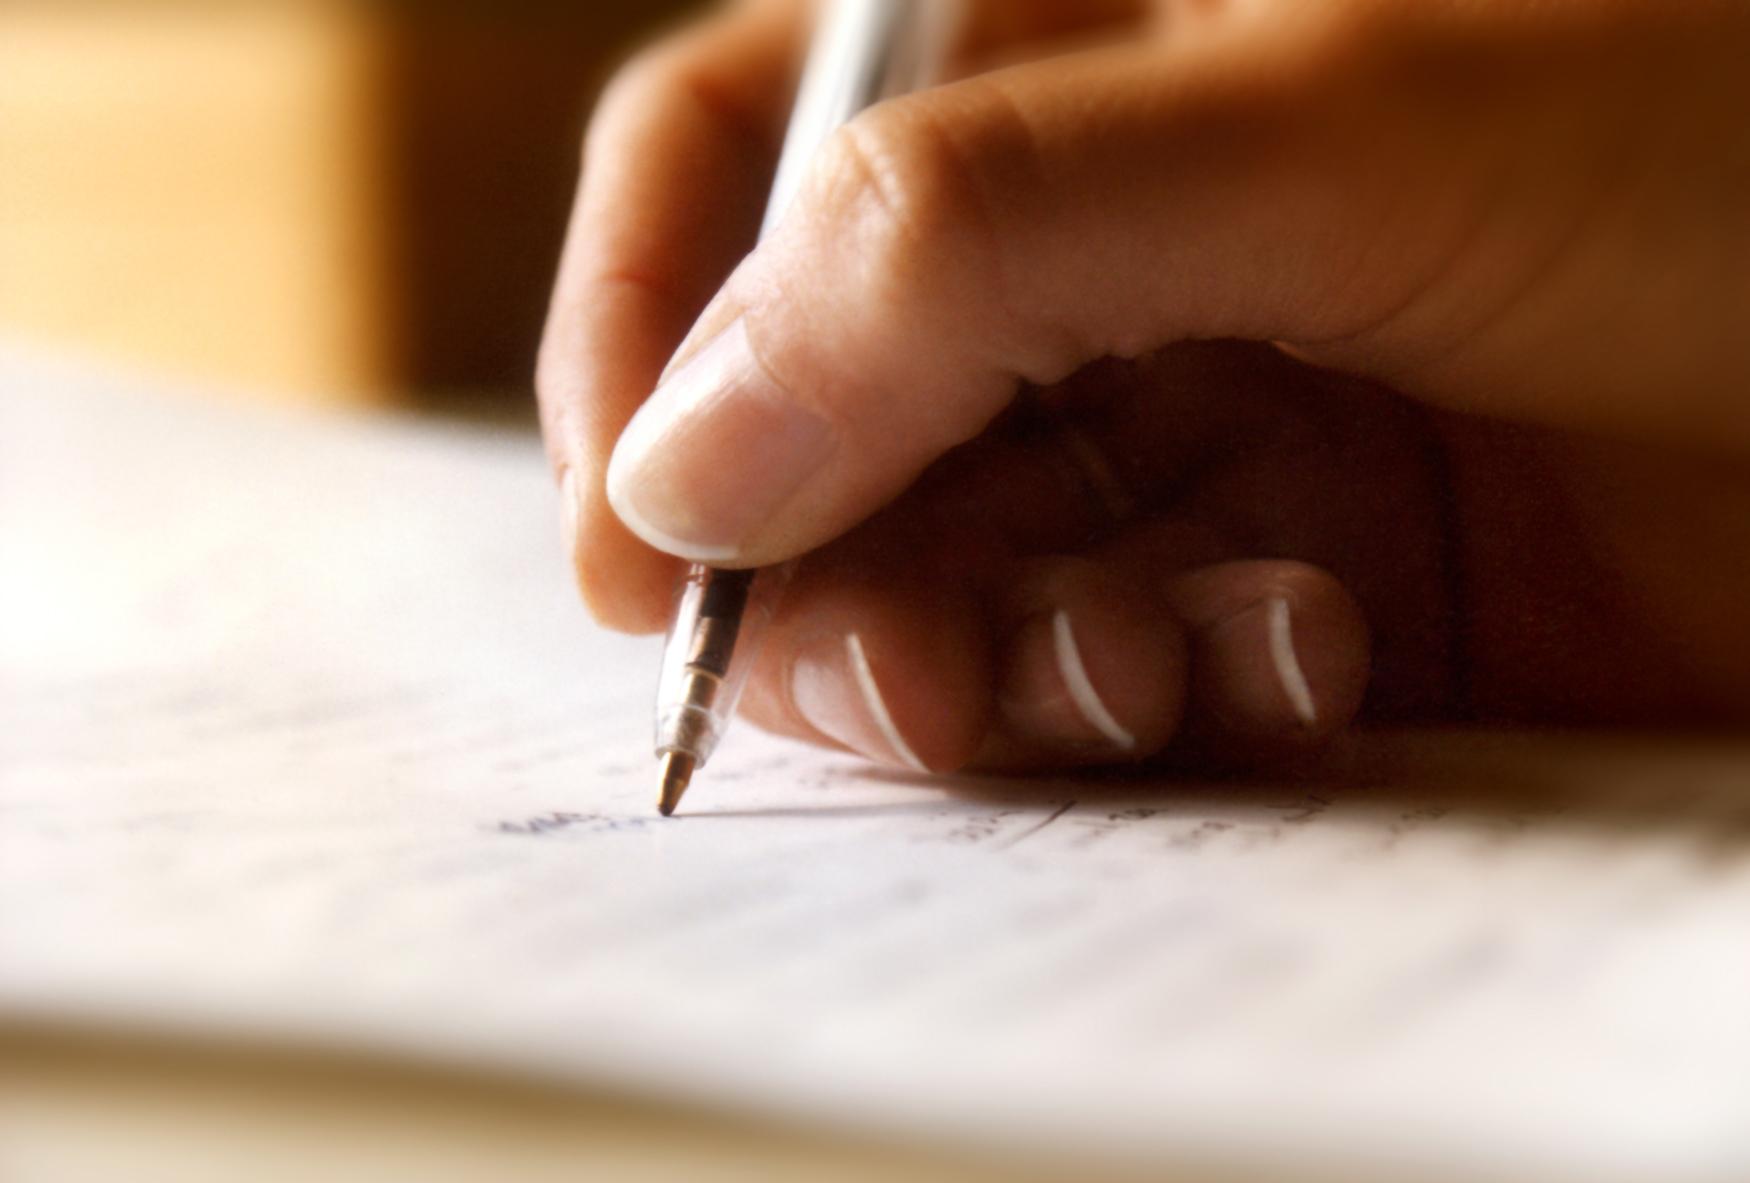 Al escribir se ponen en acción procesos mentales, emocionales, intelectuales, etc. tan interesantes, que el producto de lo que escribimos obedece a quienes somos como individuos.